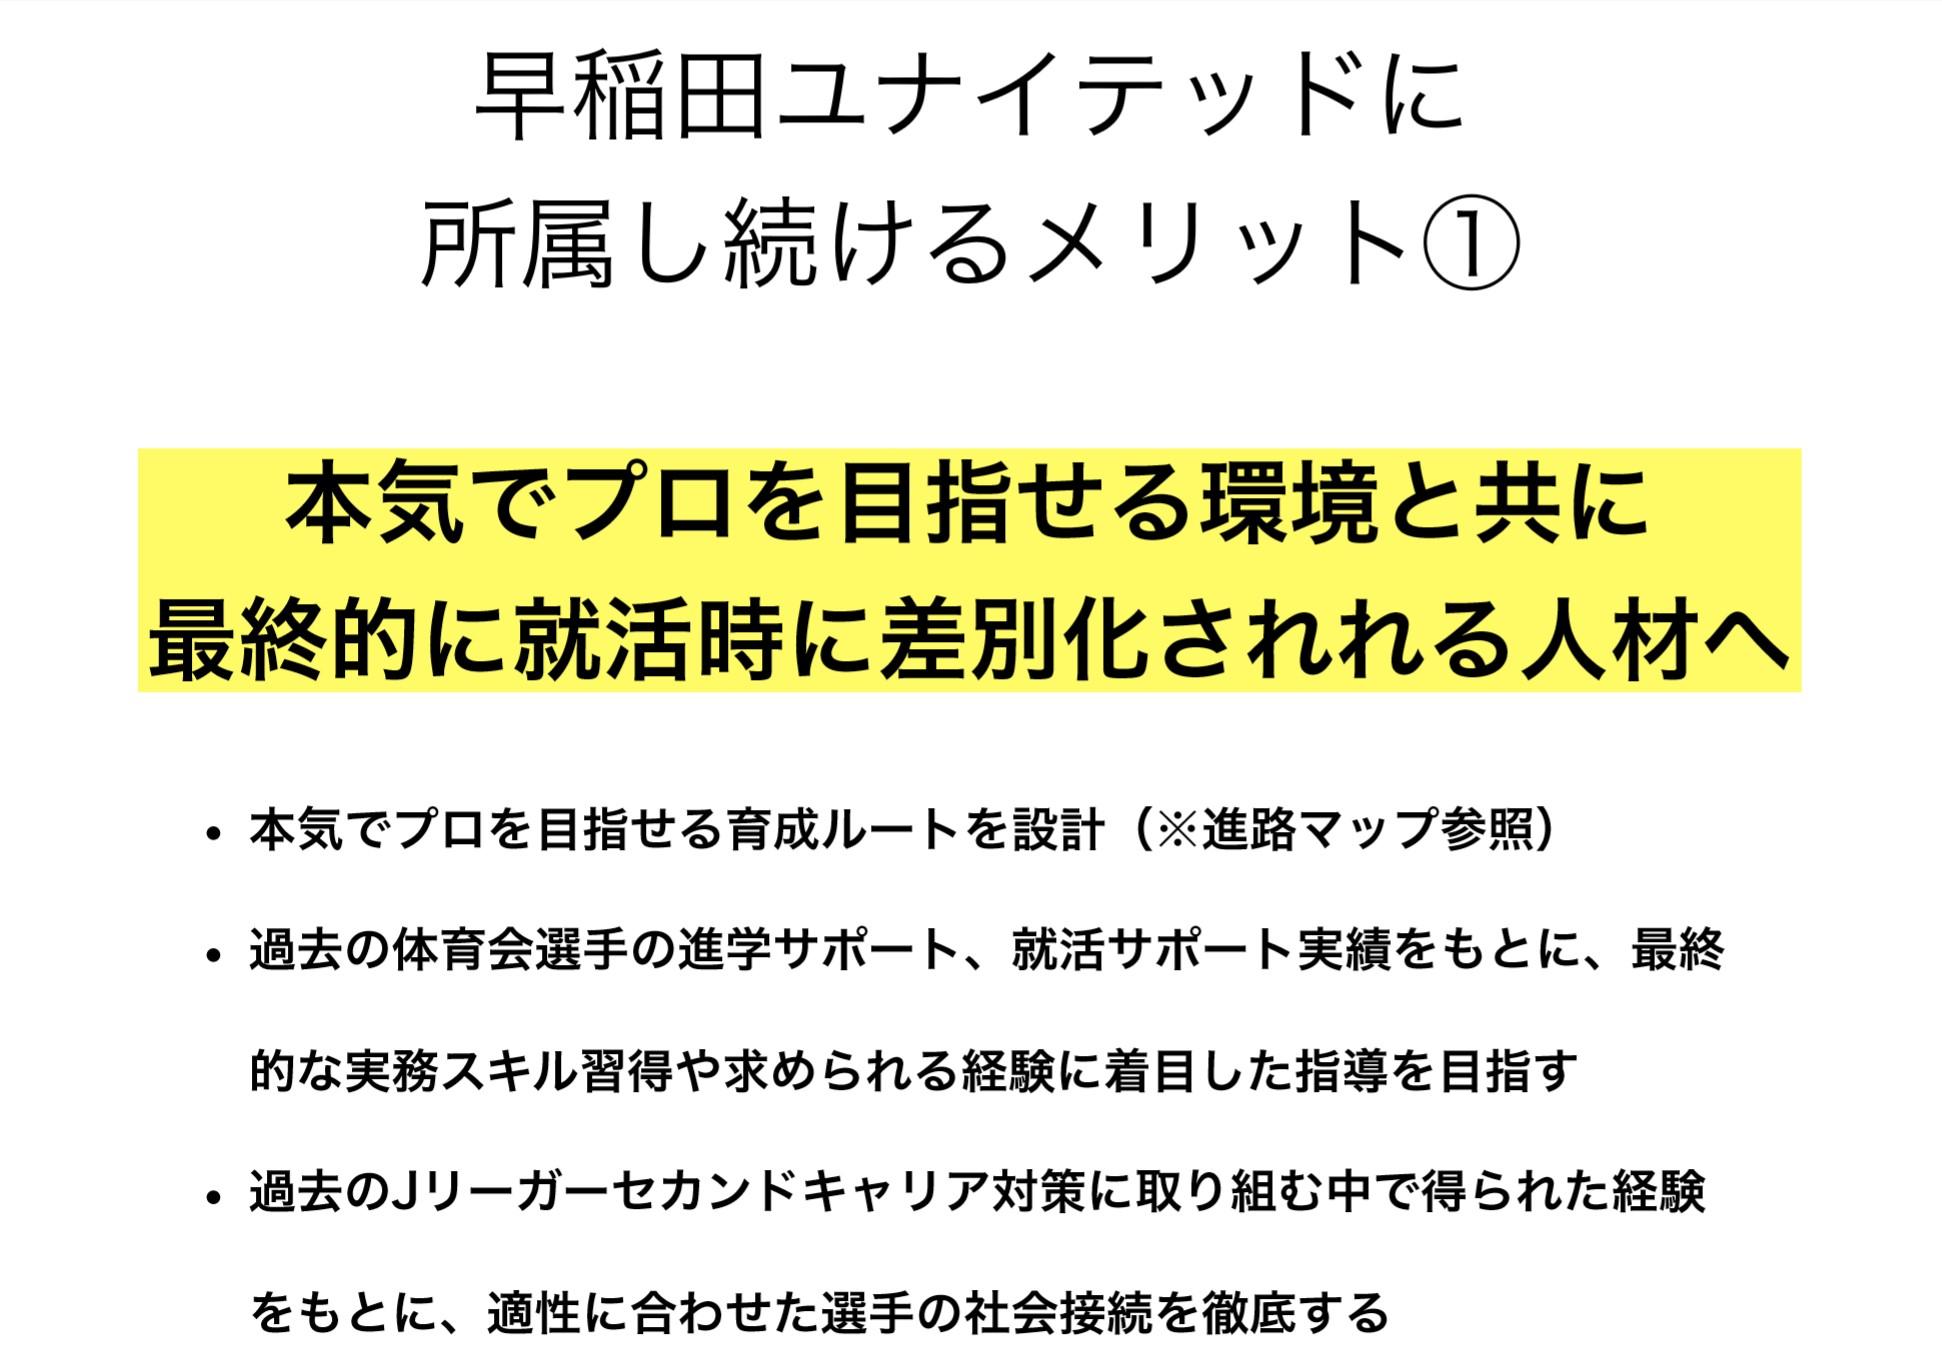 早稲田ユナイテッドアカデミー説明資料7